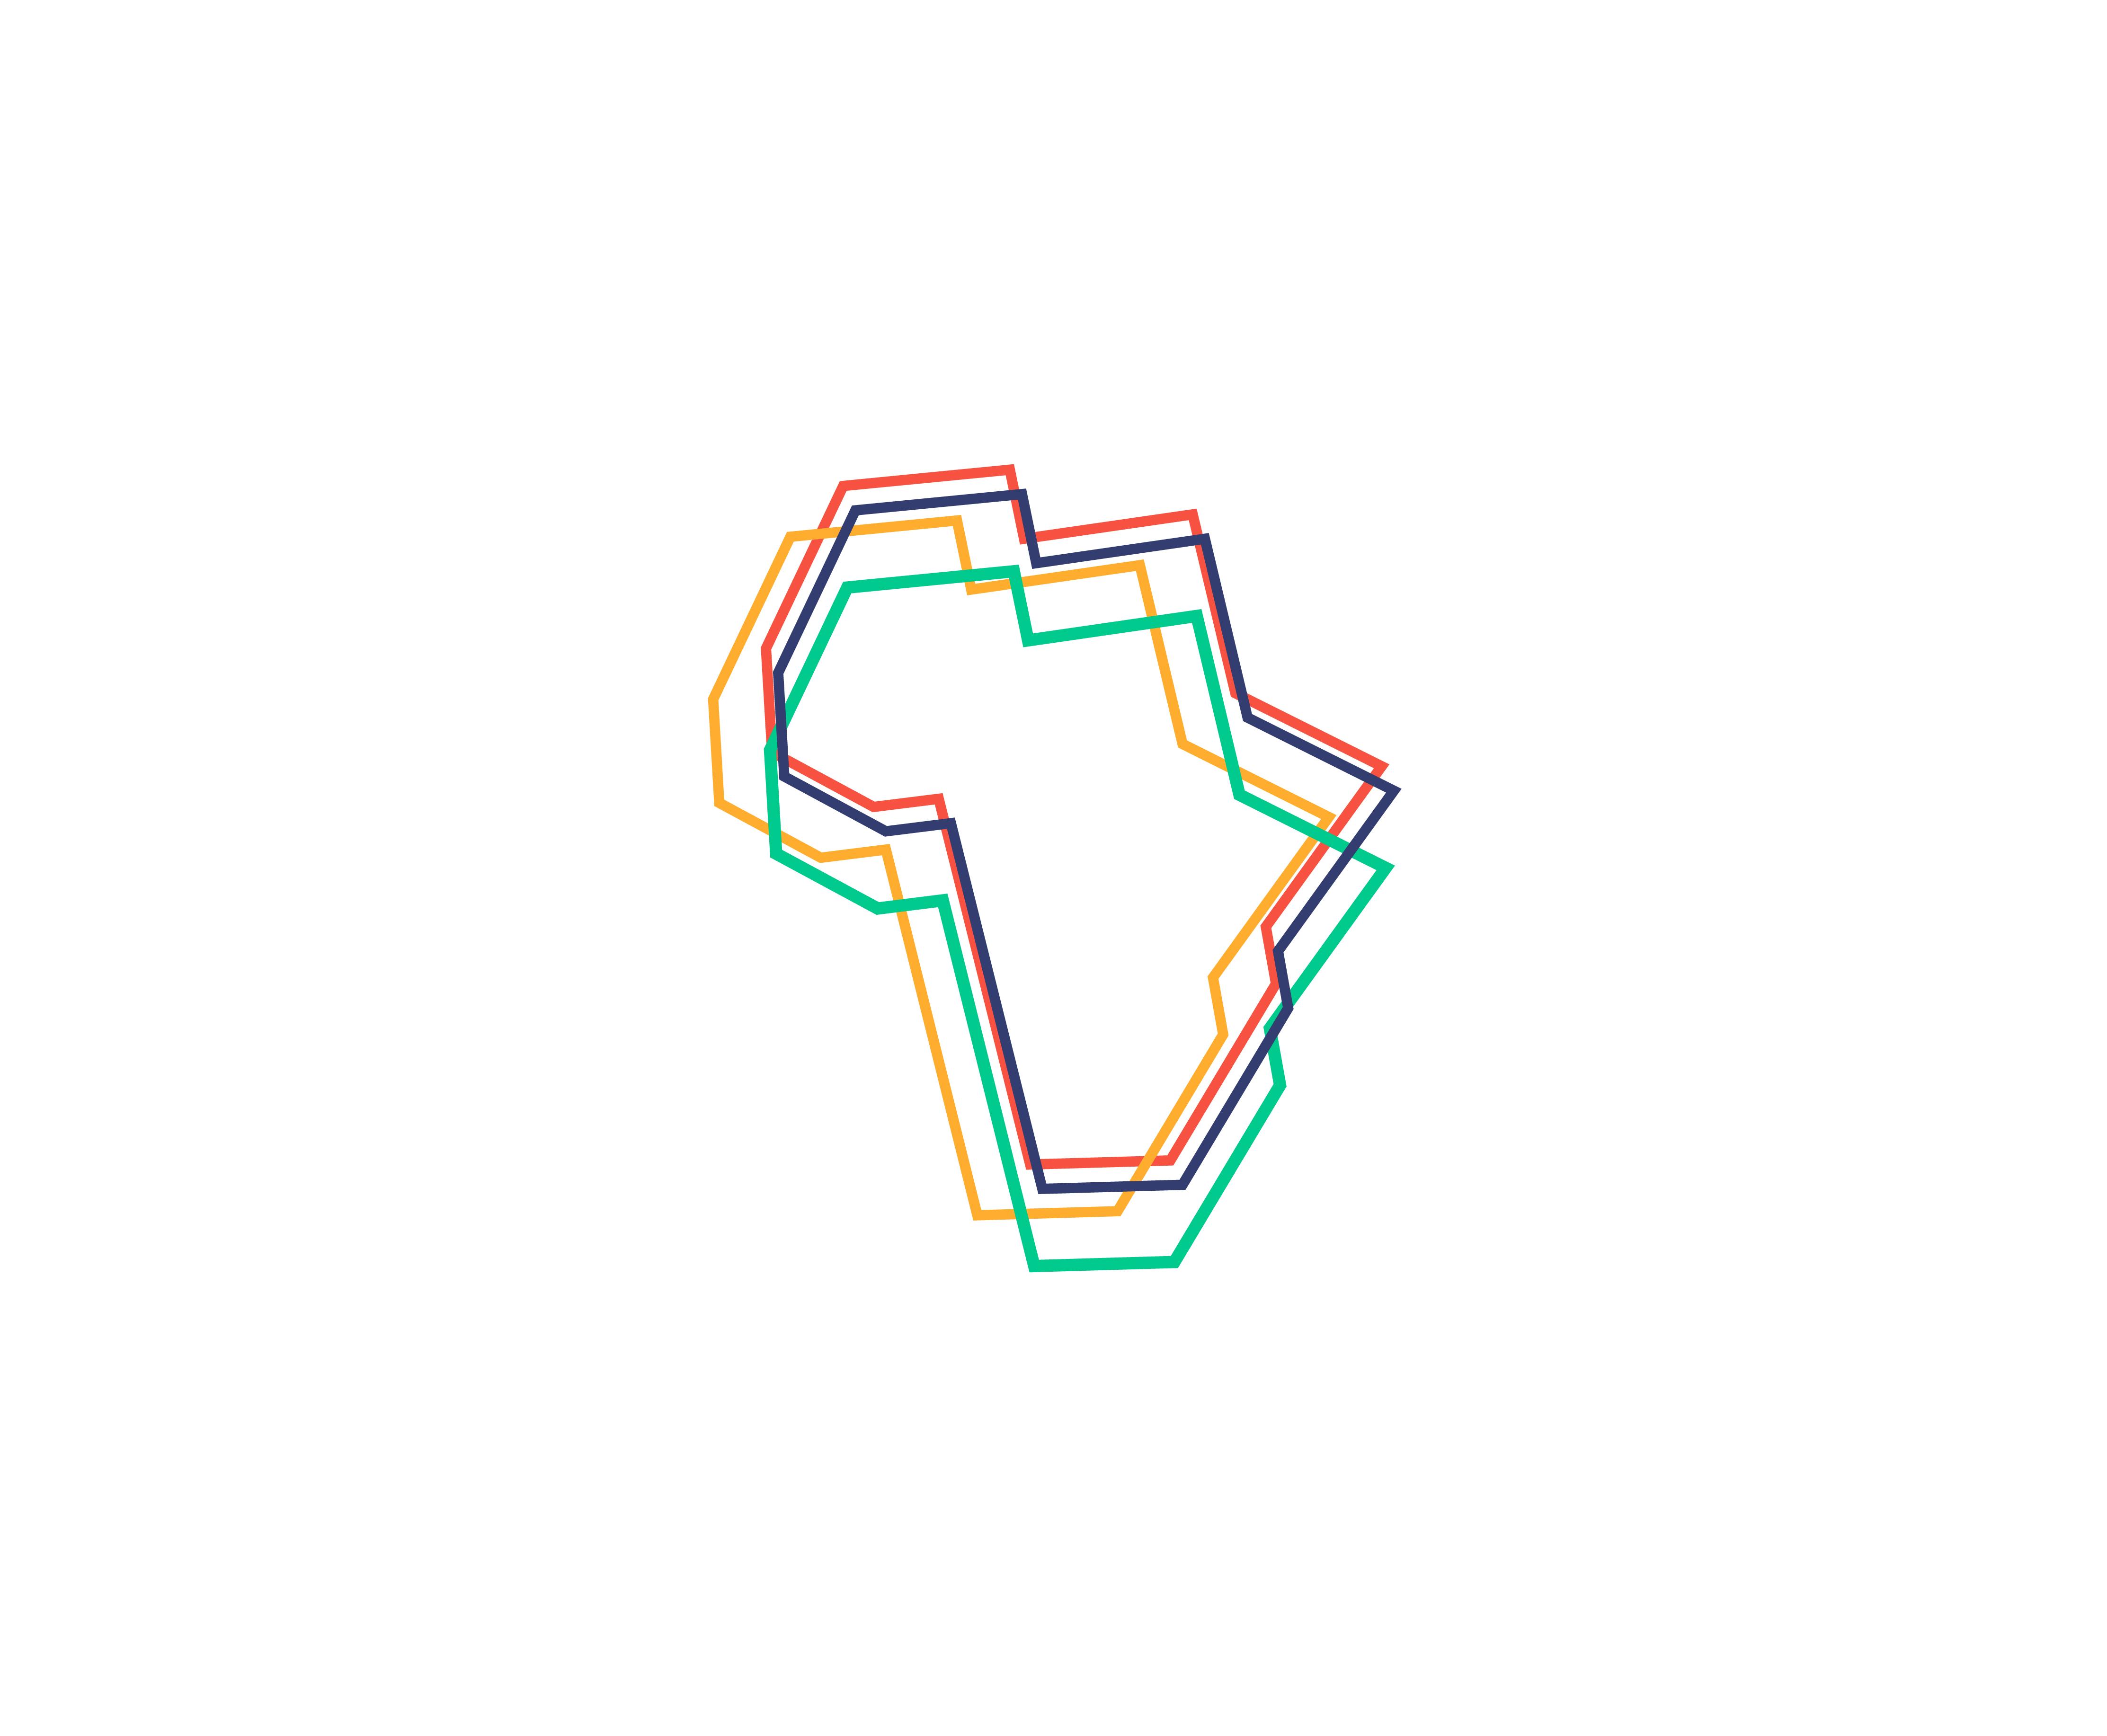 logos-for-sale-agent-orange-design-africa-stacked-outline.jpg